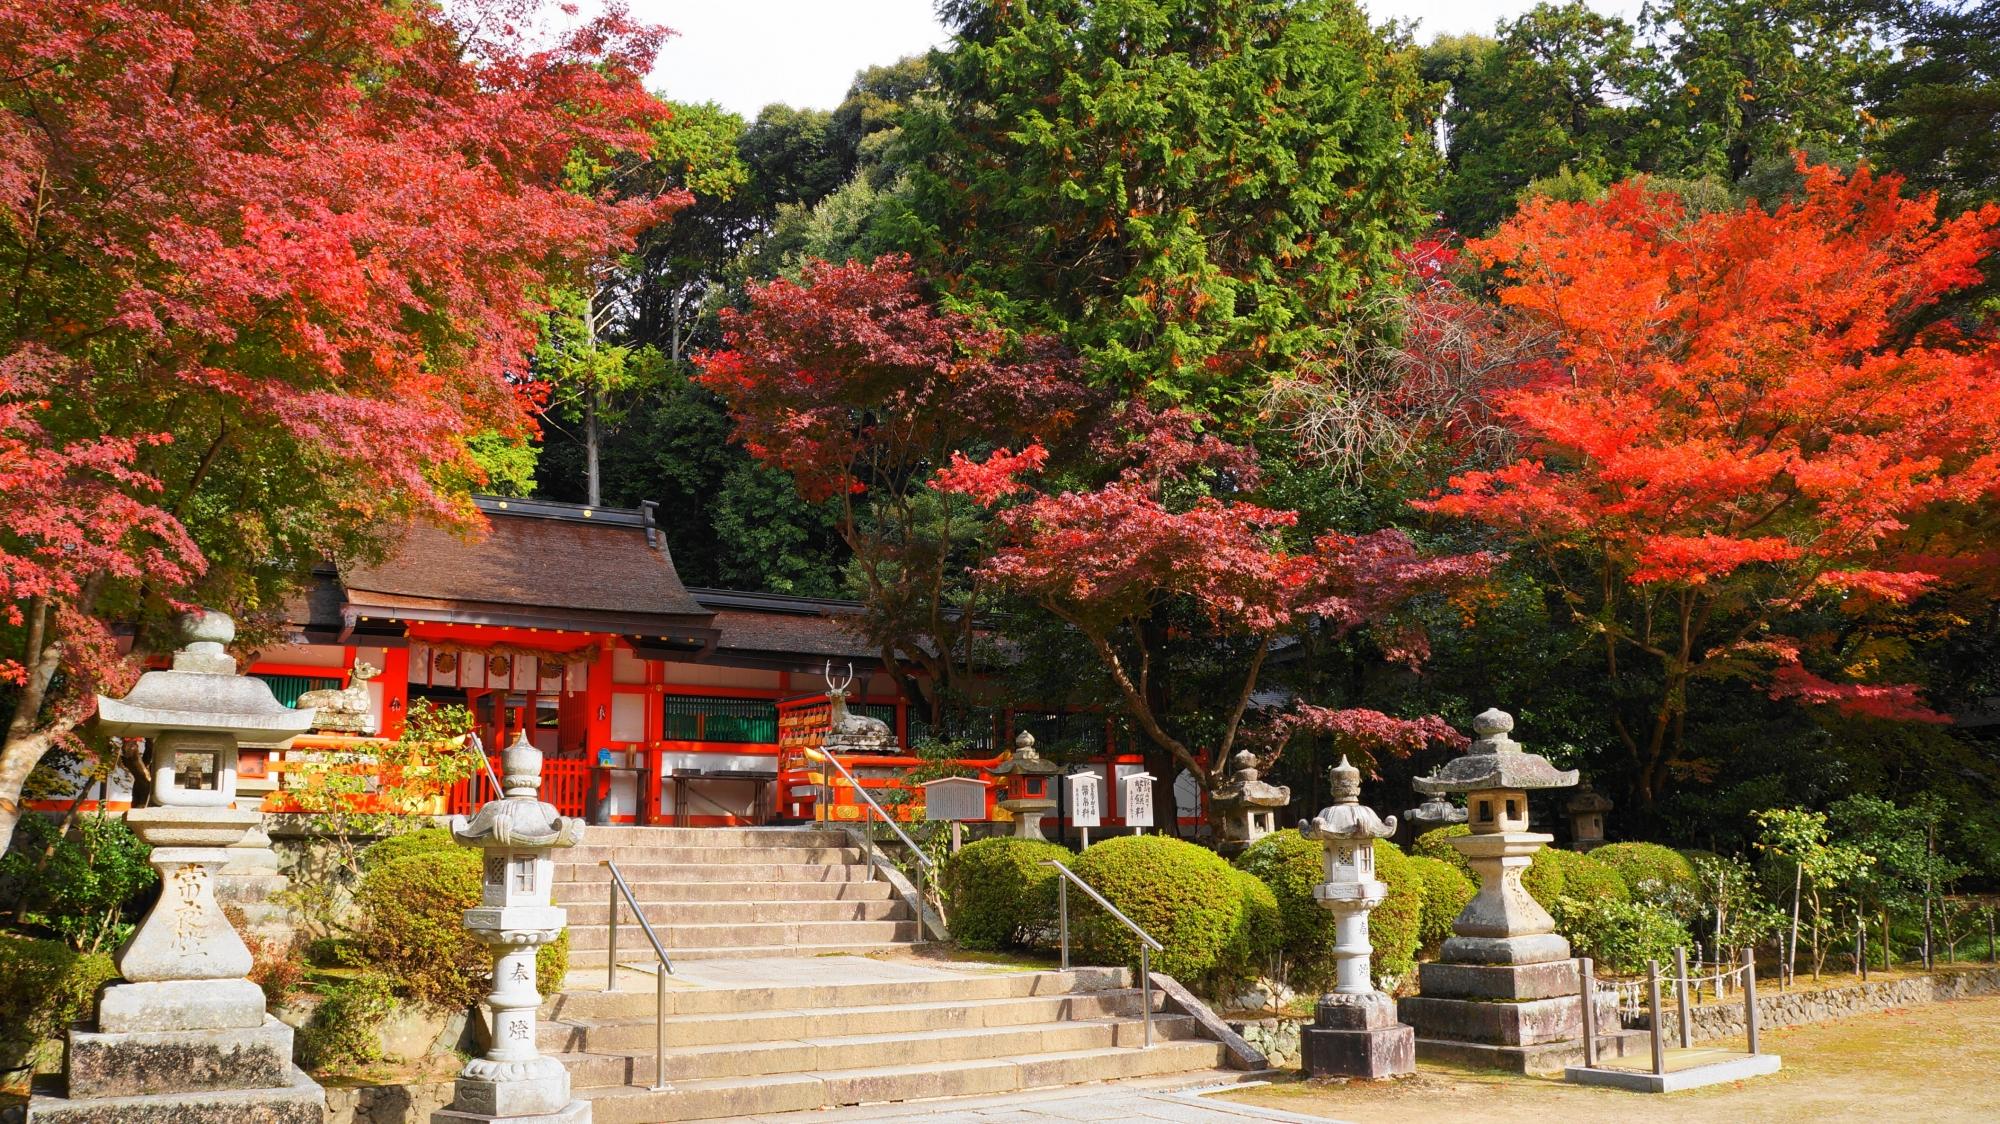 大原野神社の紅葉を楽しむ狛鹿